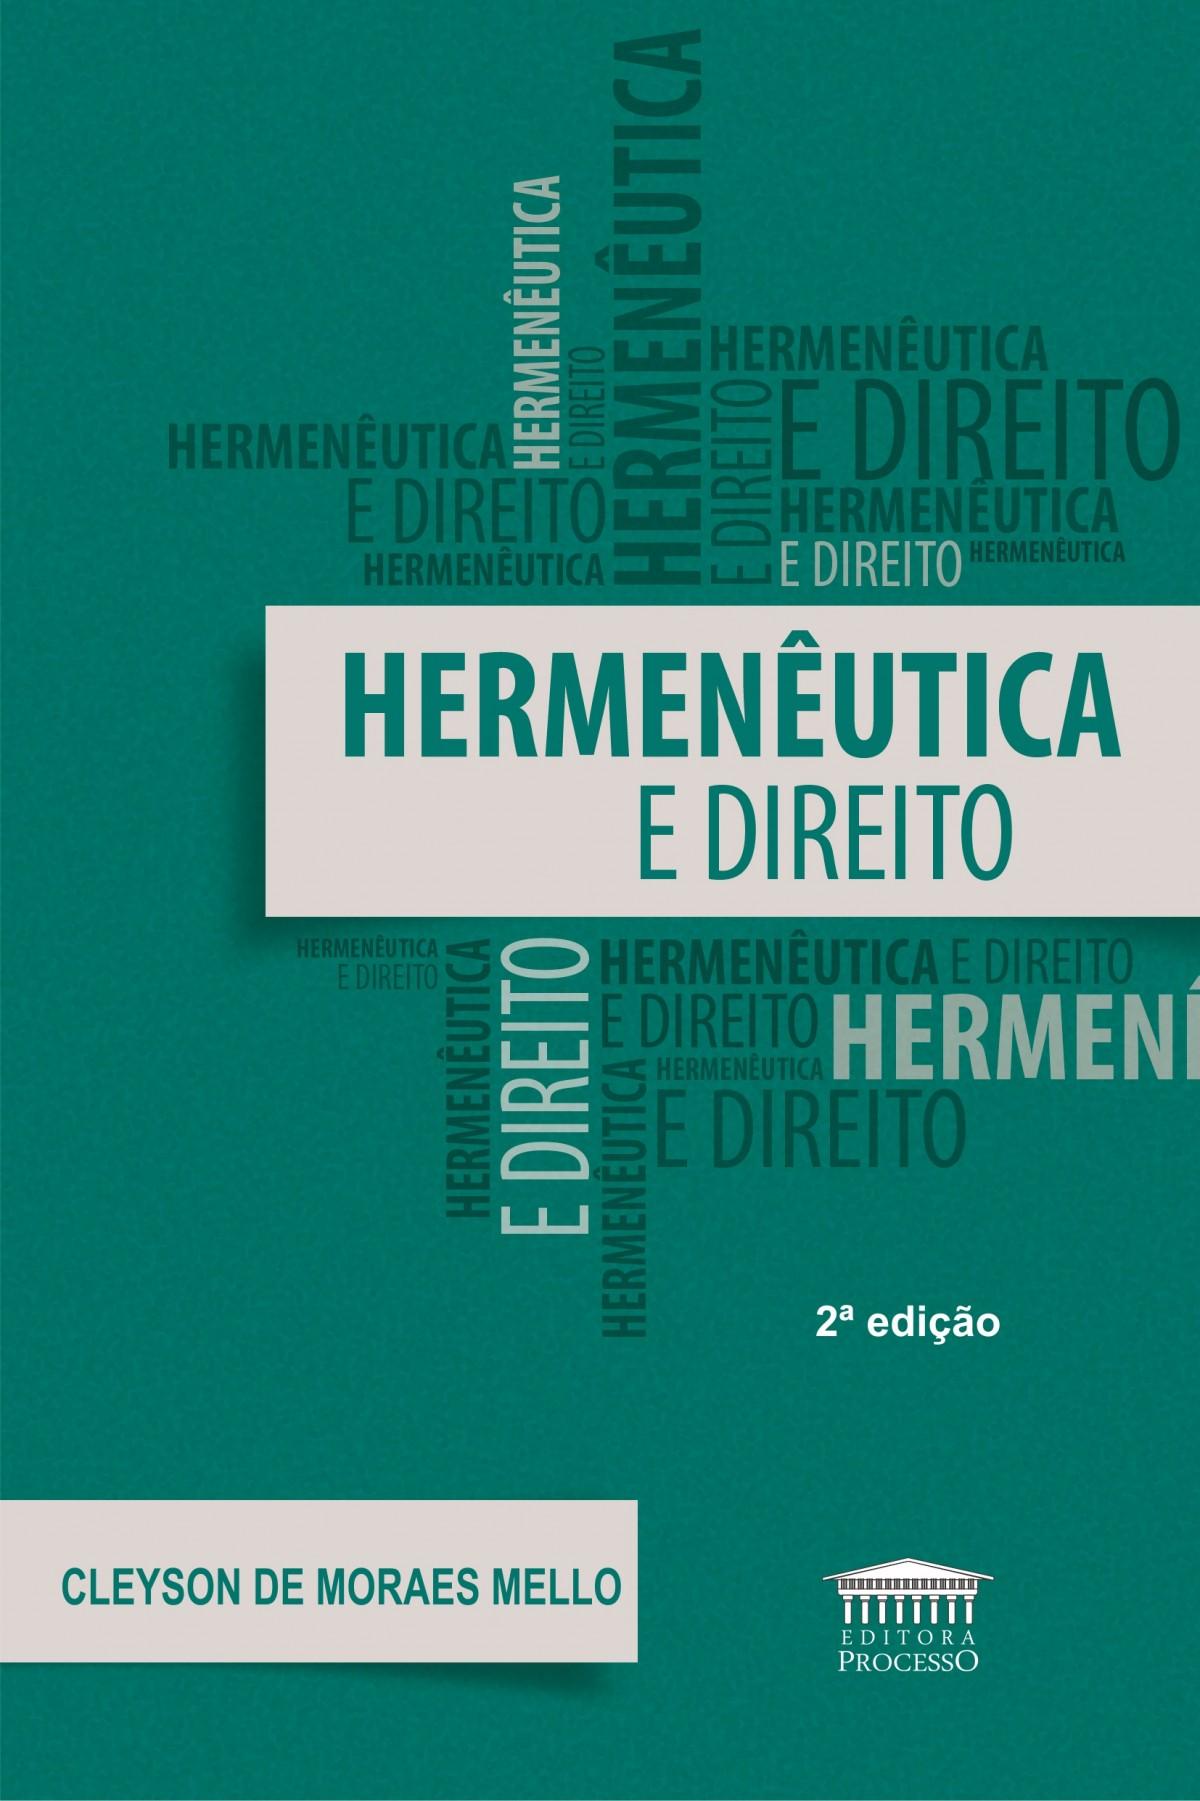 Foto 1 - Hermenêutica e Direito